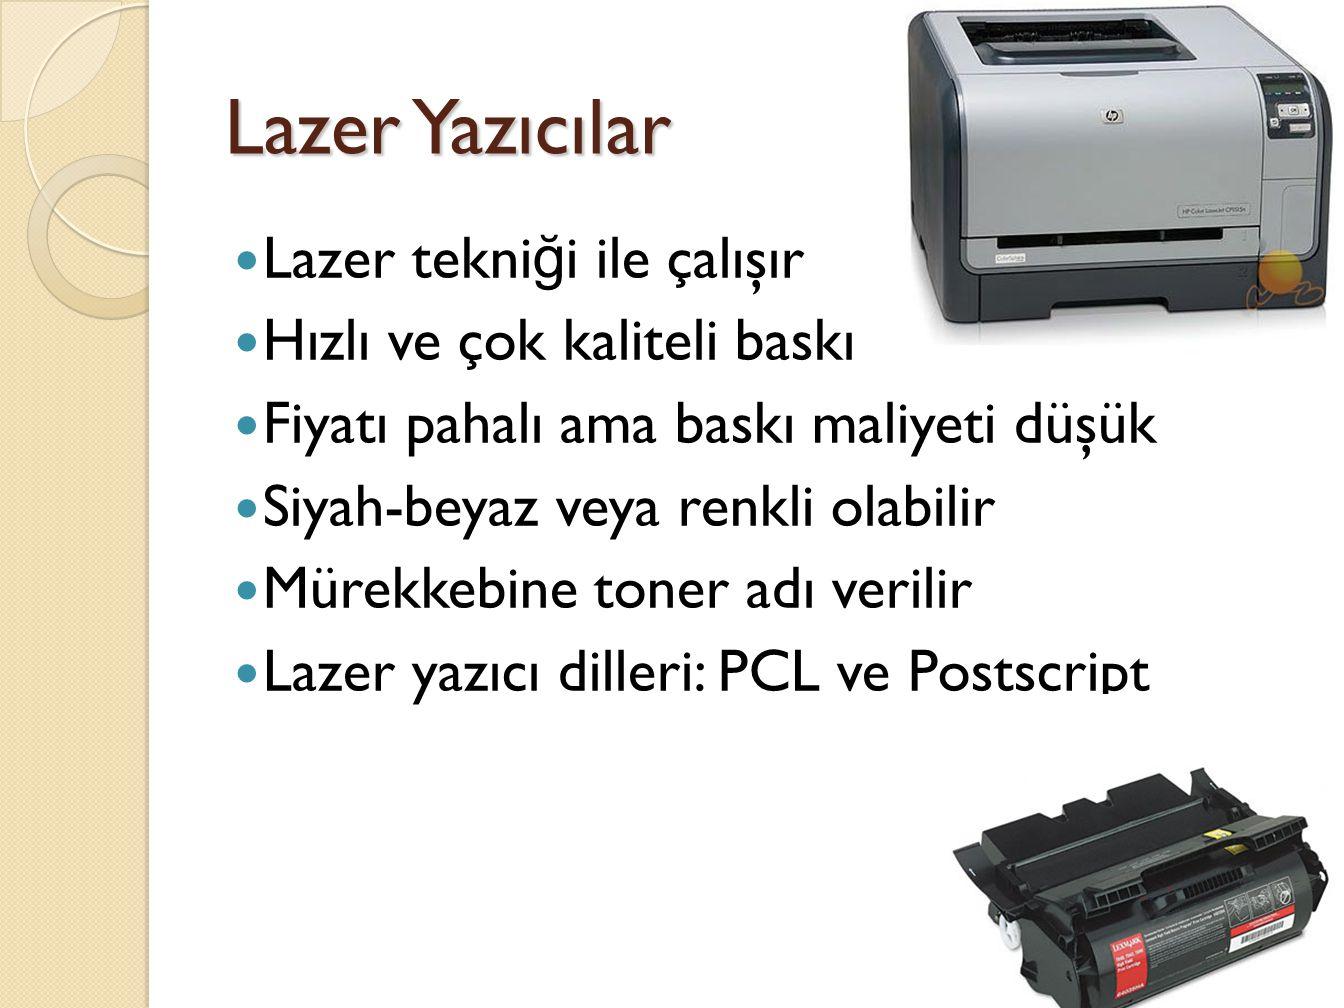 Lazer Yazıcılar Lazer tekniği ile çalışır Hızlı ve çok kaliteli baskı